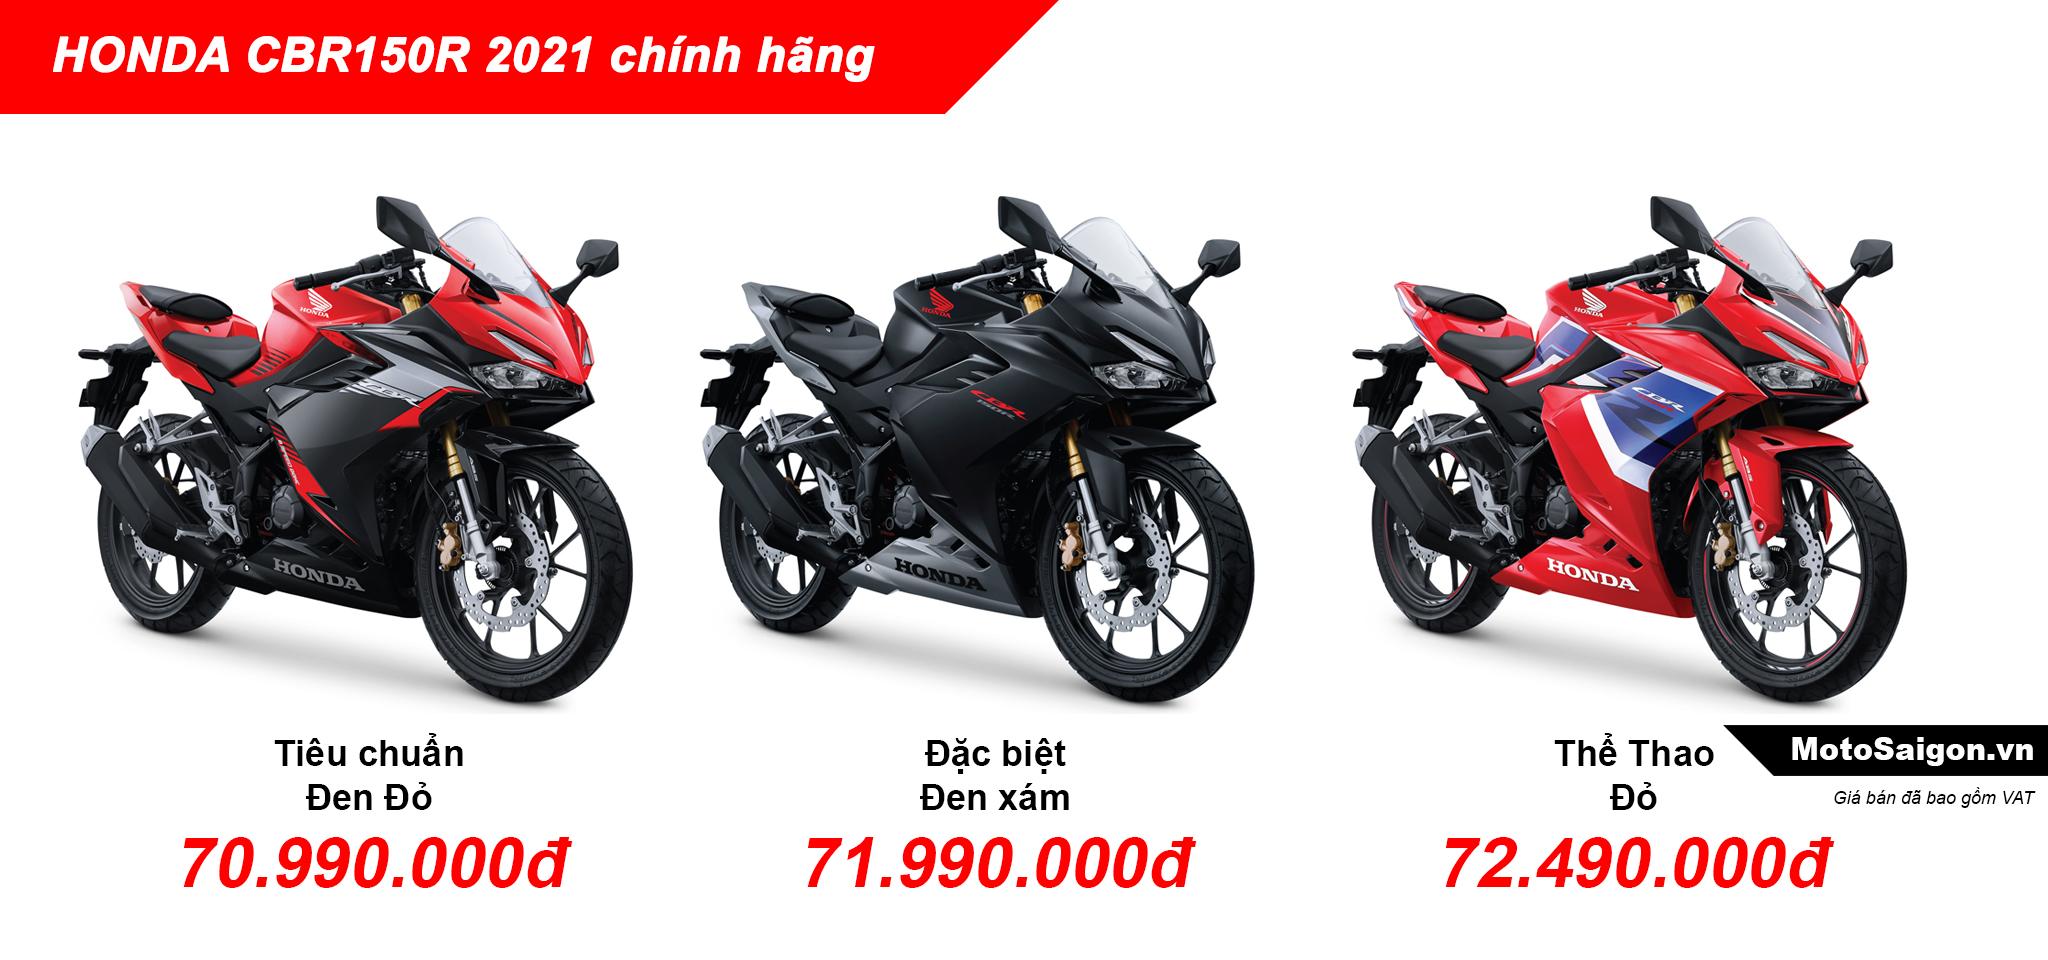 Giá xe Honda CBR150R chính hãng